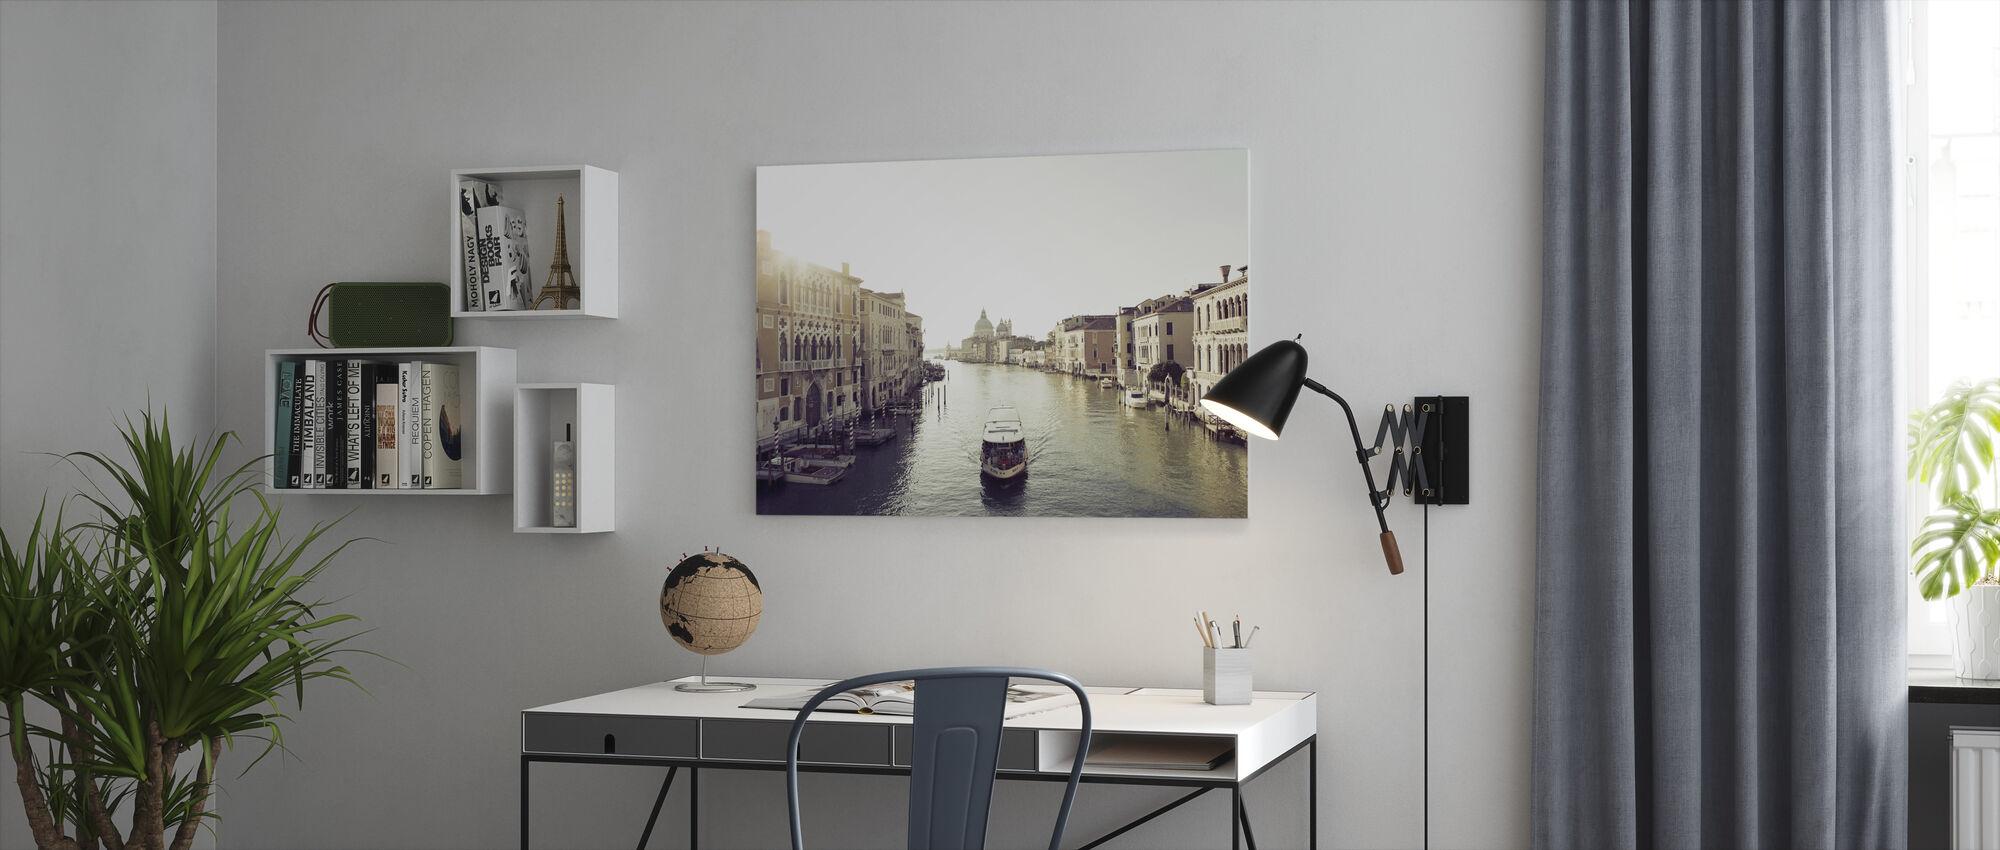 Taxabåd på Grand Canal - Billede på lærred - Kontor